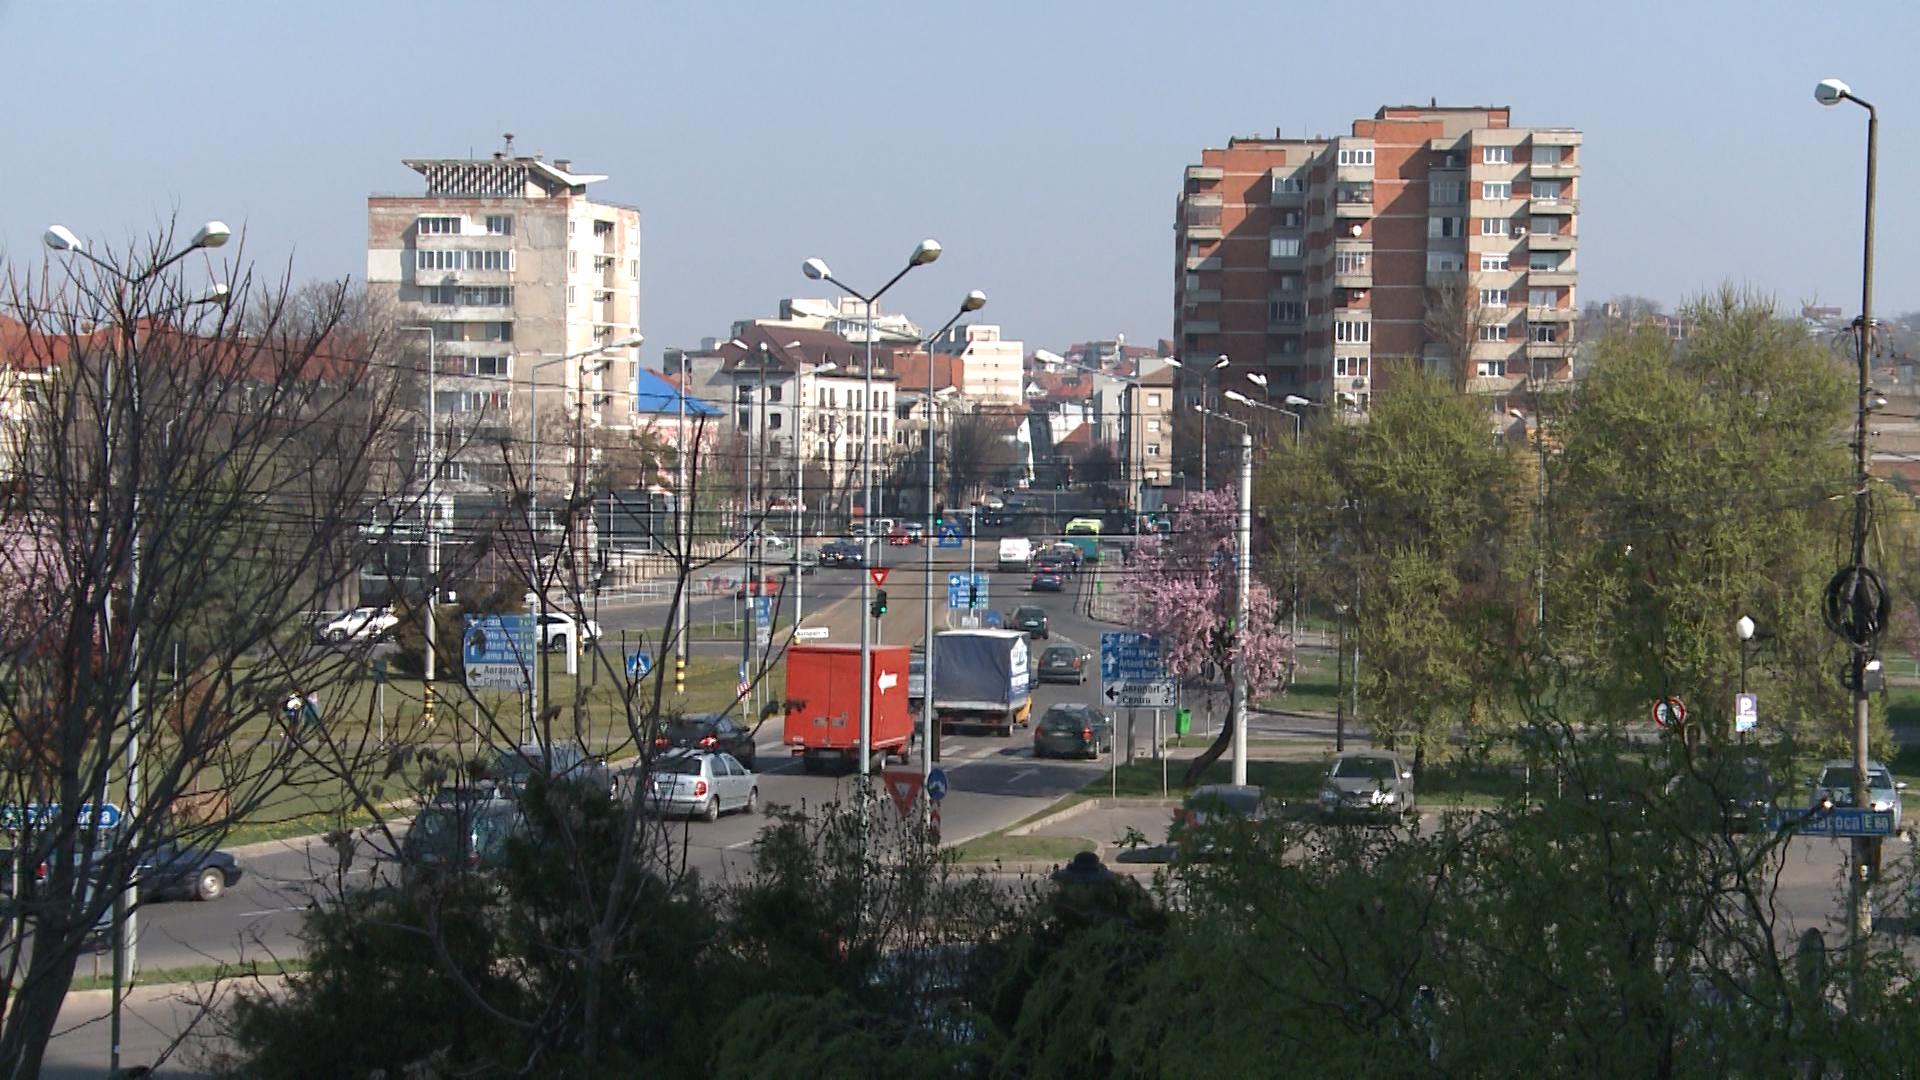 Investitii de zeci de milioane de euro in infrastructura municipiului Oradea. Ce lucrari vor fi facute